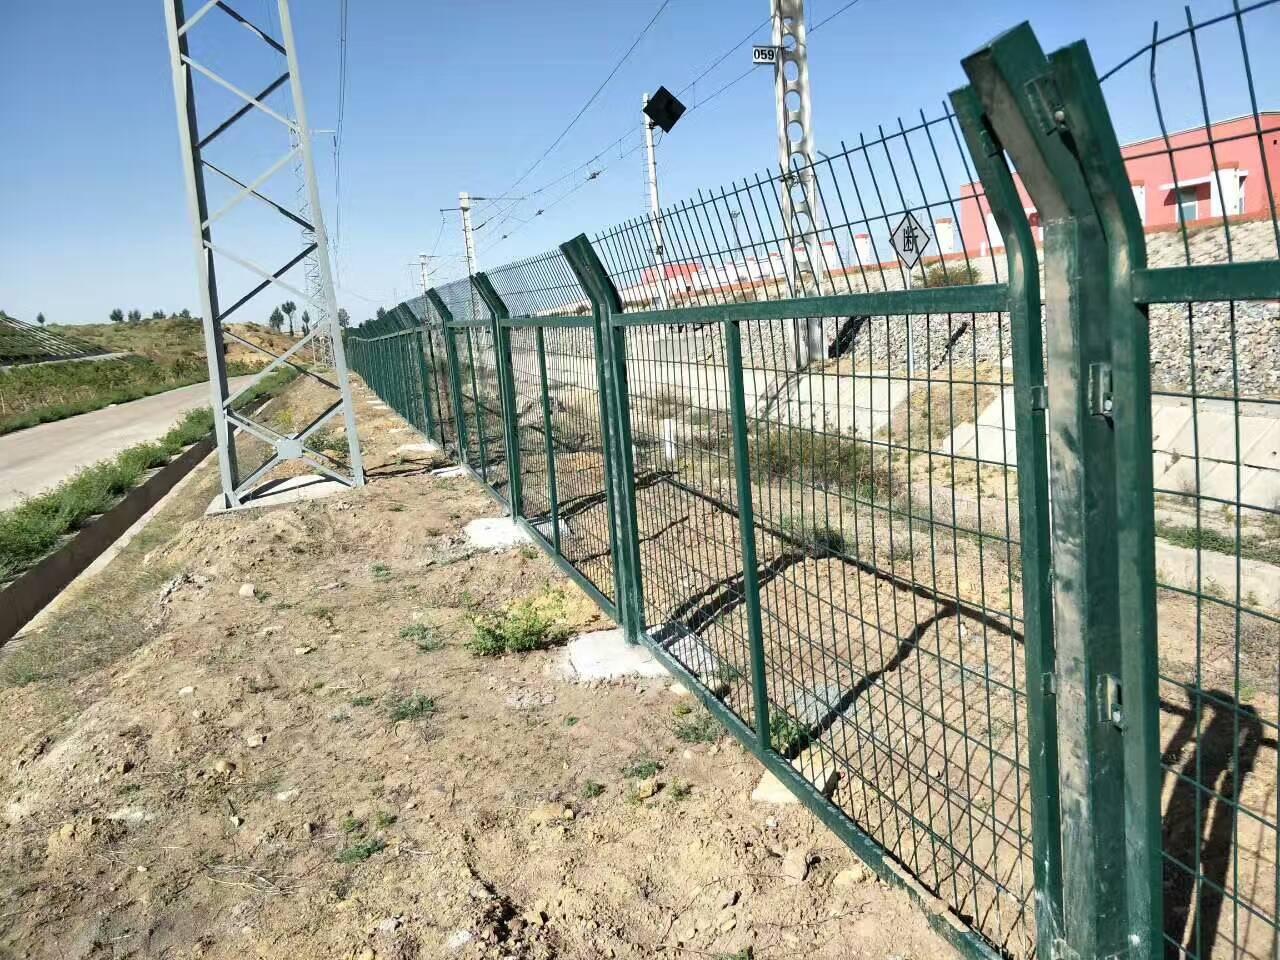 铁路护栏网厂家直销价格-兰州铁路护栏网_公司资讯_企汇网